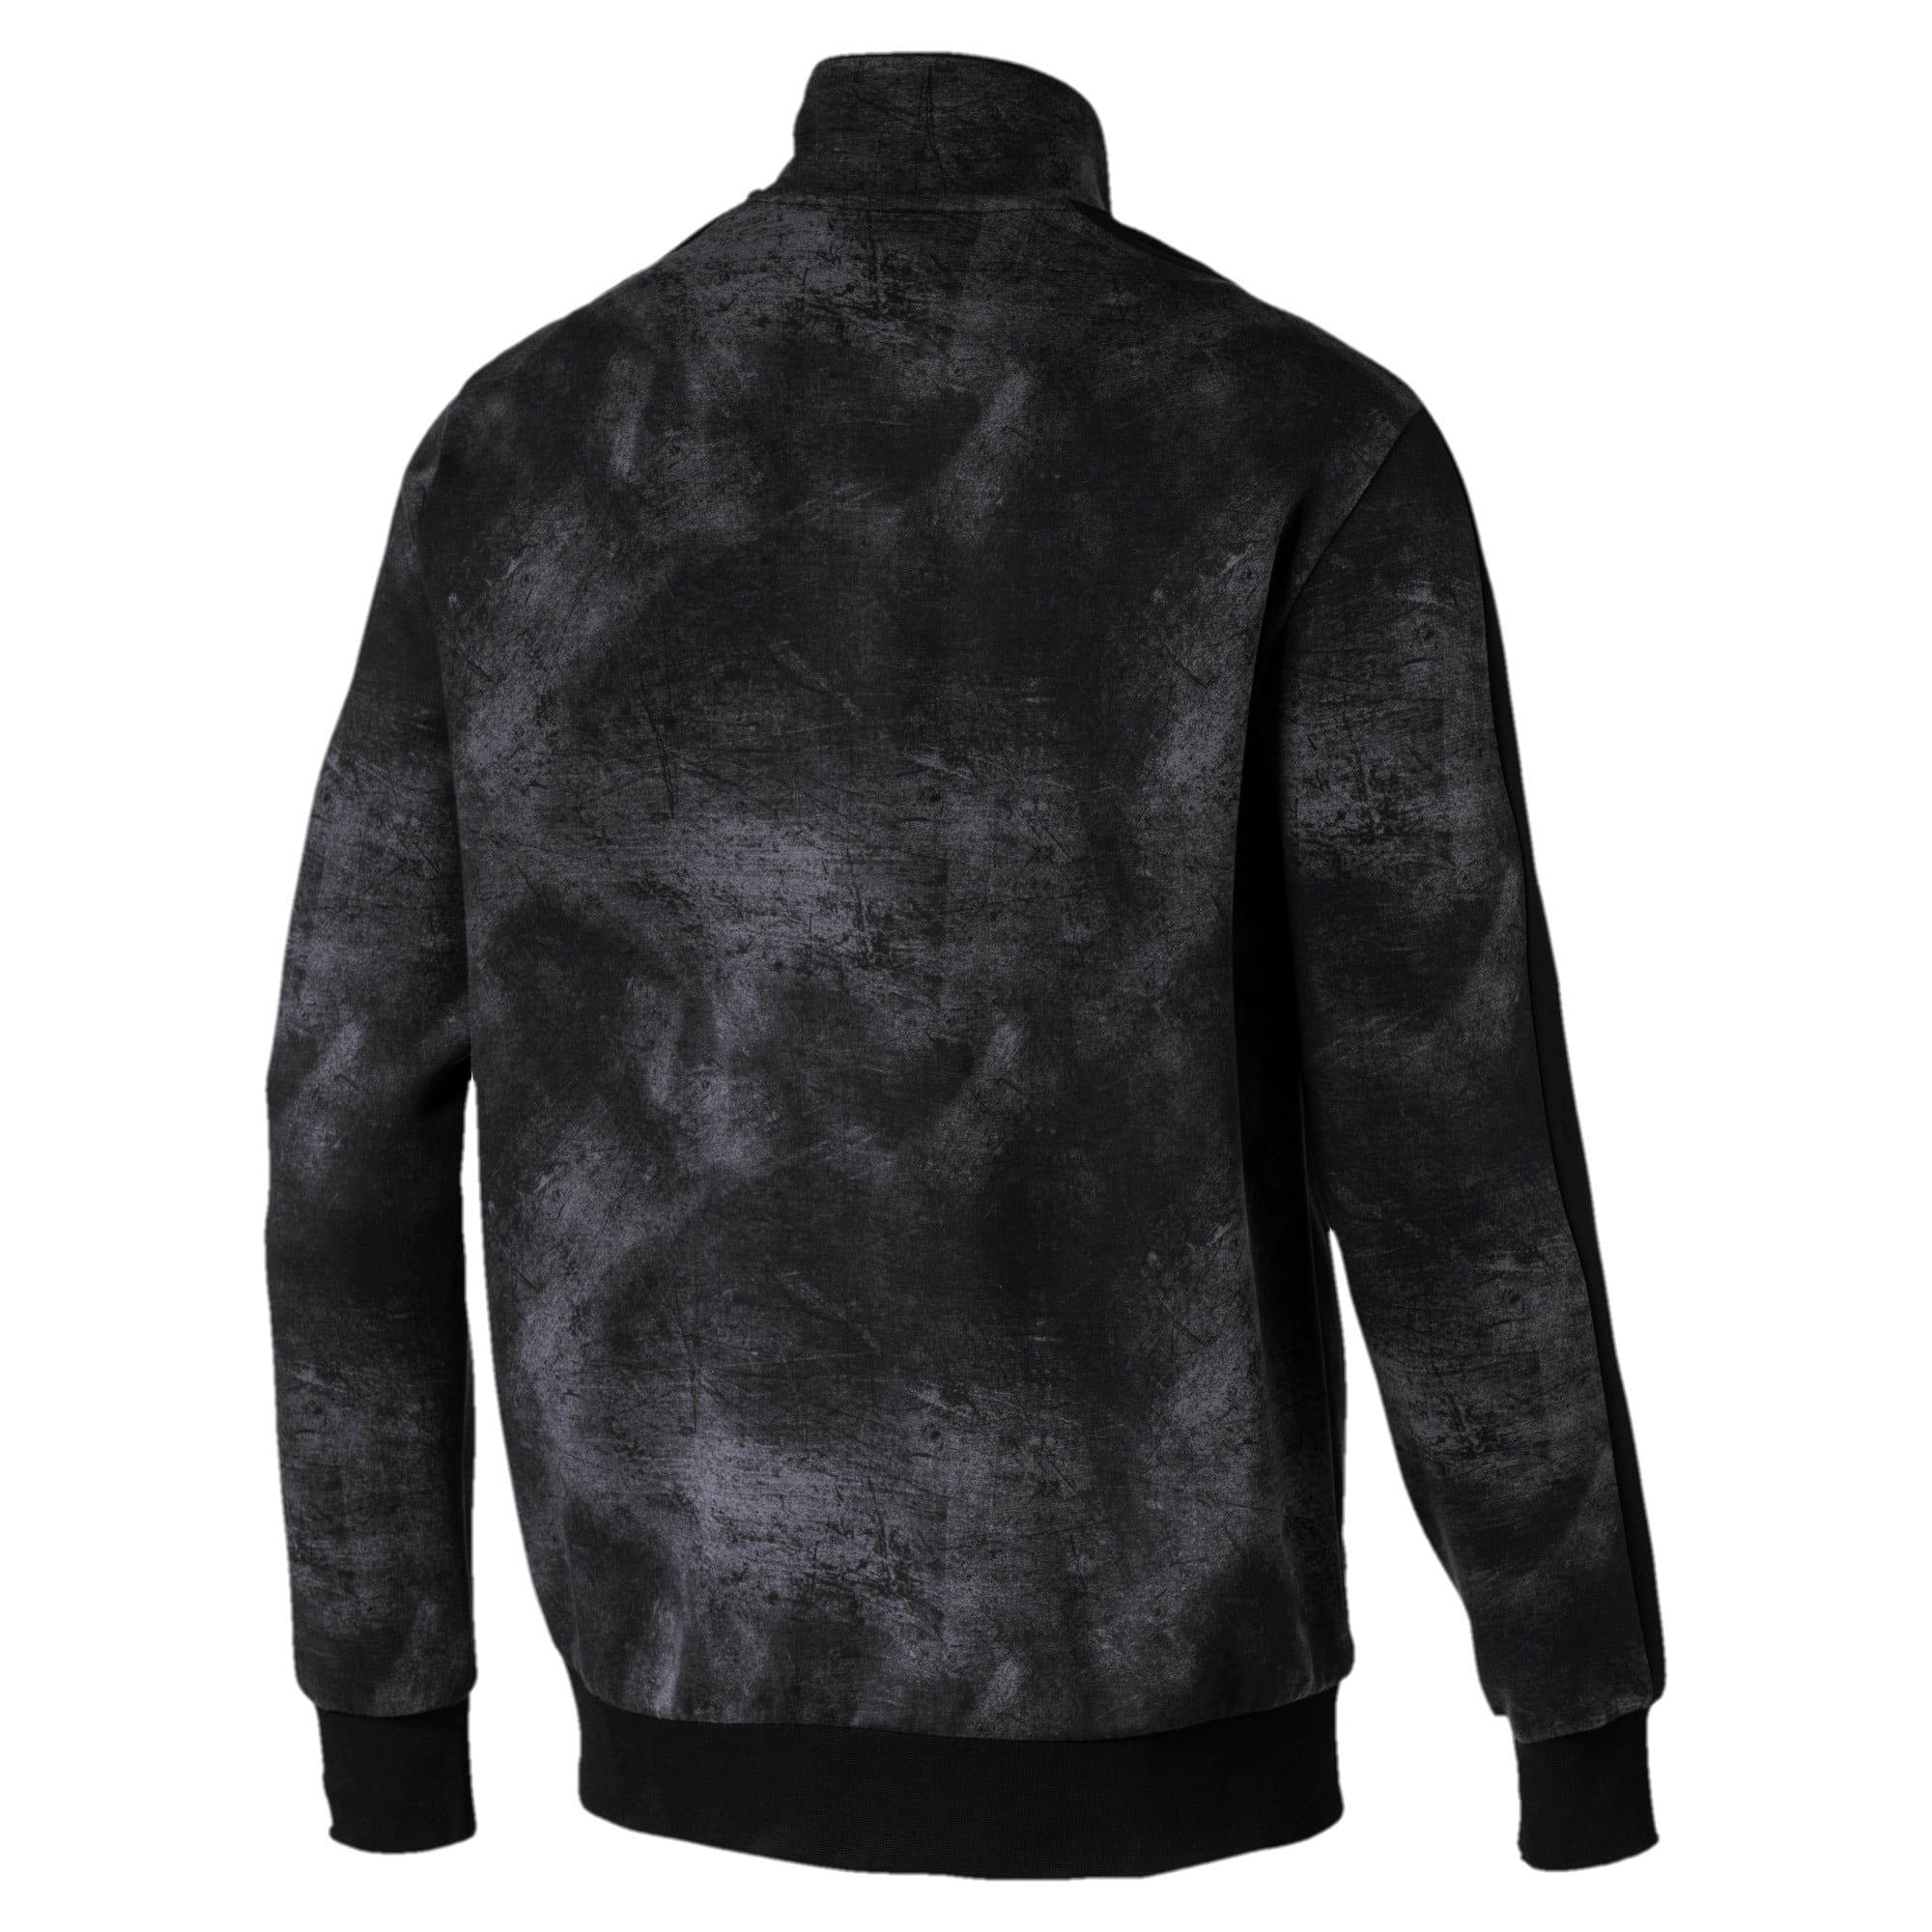 Thumbnail 3 of Classics All-Over Print T7 Men's Jacket, Puma Black-2, medium